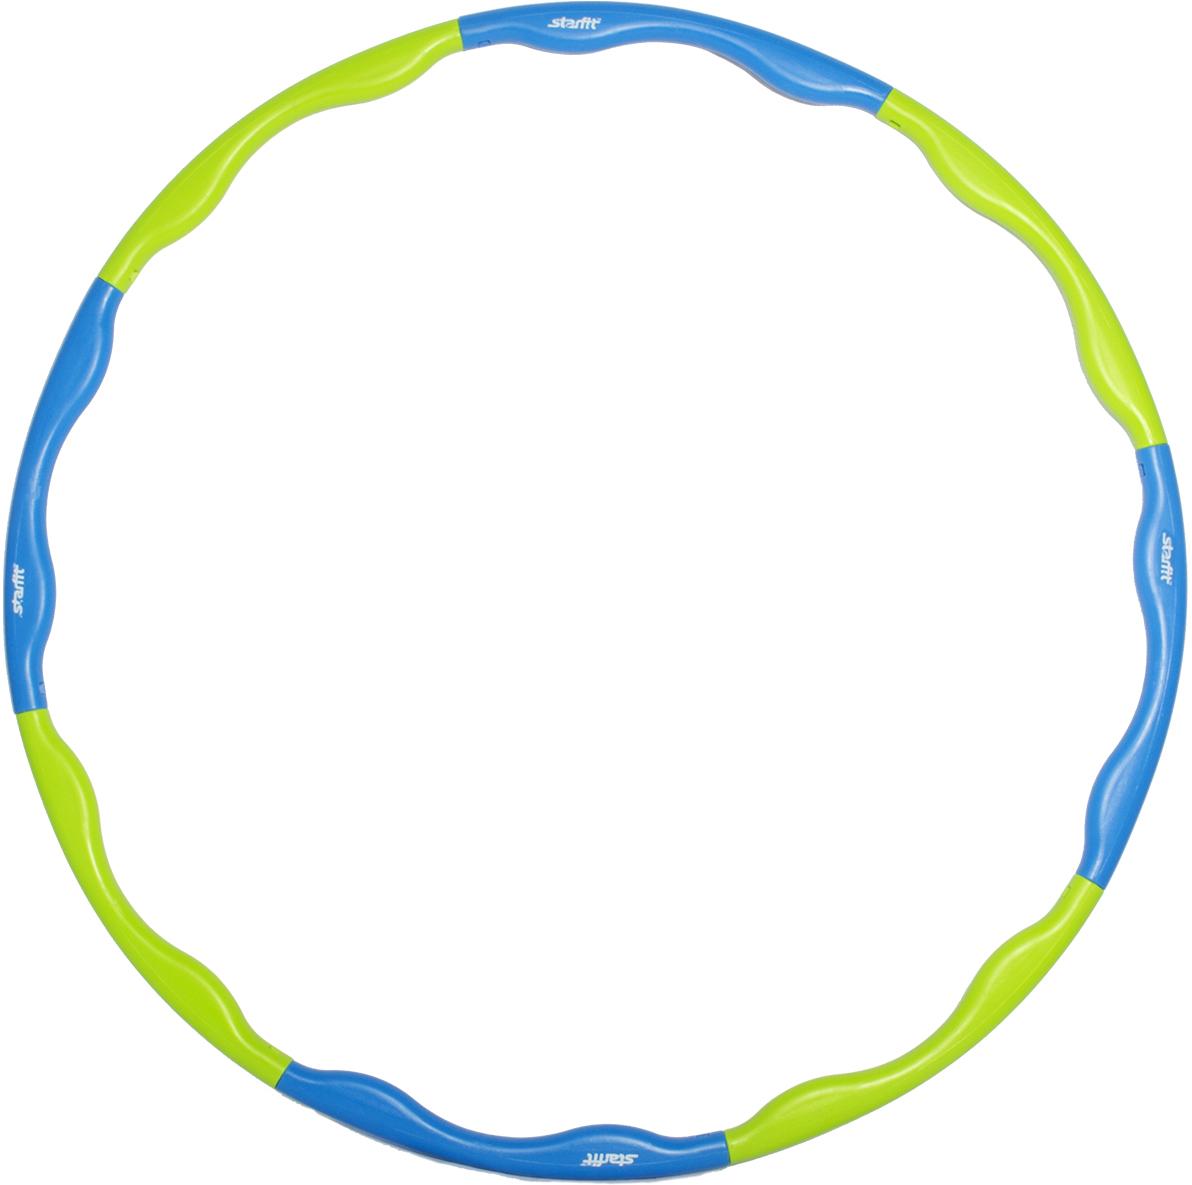 Обруч массажный Star Fit, разборный, цвет: синий, салатовый, диаметр 90 смУТ-00007314Star Fit - это массажный разборный обруч от популярного австралийского бренда. Обруч легко собирается и разбирается. Диаметр регулируется, благодаря чему обруч подходит взрослым и детям. Упражнения с этим обручем сжигают больше калорий, чем с обычным. Улучшается кровообращение, усиливается мышечный тонус, что приводит к более активному сжиганию жира. Массажный обруч развивает координацию движений, гибкость, силу, чувство ритма, артистичность, укрепляет вестибулярный аппарат. Сжигает подкожный жир в проблемных участках тела, улучшает состояние кожи в области талии, живота и бёдер. Нормализует работу кишечника. Тренирует и развивает мышцы рук, плеч, спины и ног. С помощью обруча можно выполнять большое количество упражнений из гимнастики, и упражнений на растяжку. Массажный обруч удобен и прост в использовании. Не требует особых знаний и места для занятий. Достаточно вращать обруч 10-20 минут в день и таким образом фигура изменится в положительную сторону.Как выбрать кардиотренажер для похудения. Статья OZON Гид